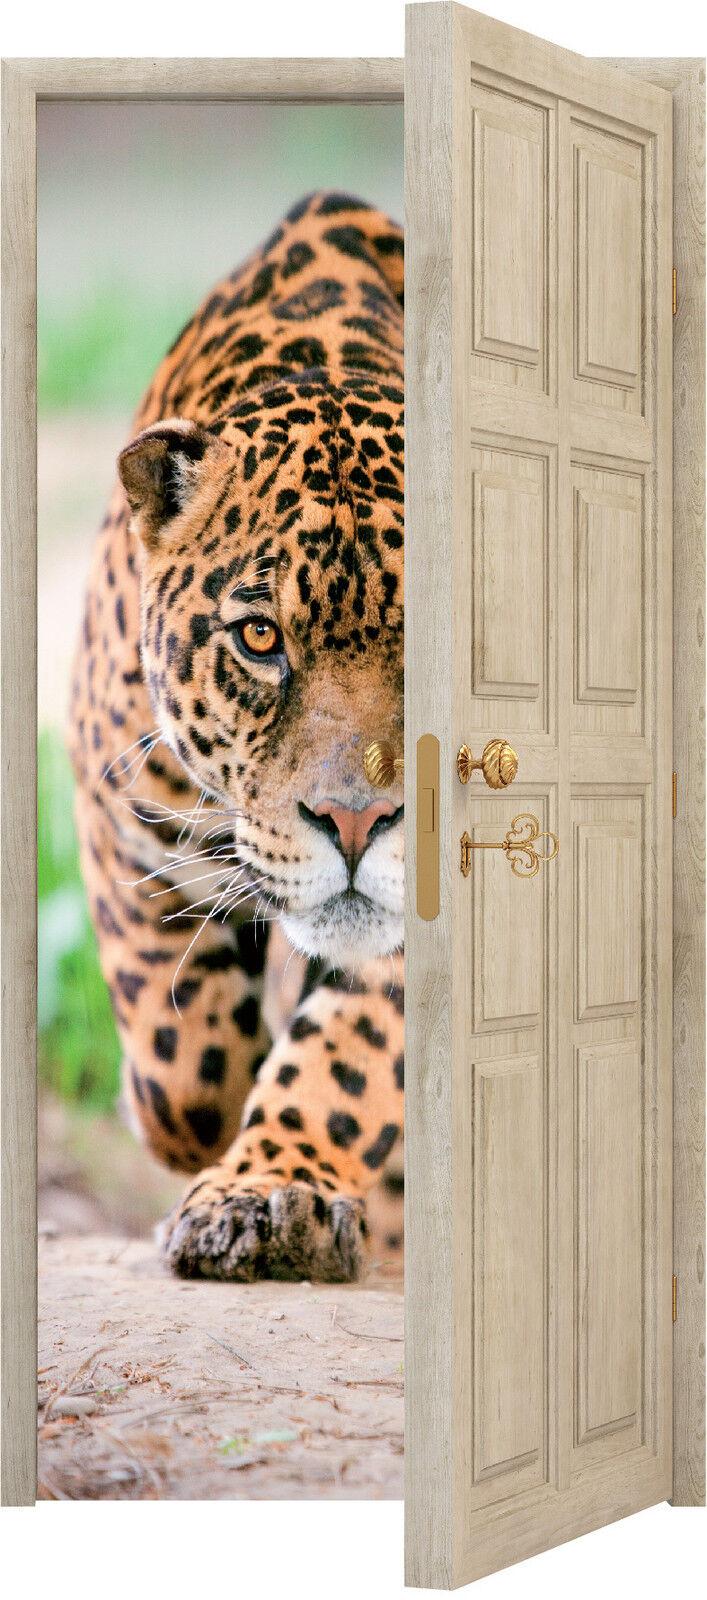 Adhesivo Puerta Trompa Trampantojo Decoración Jaguar Ref 858 (3 Tamaños a